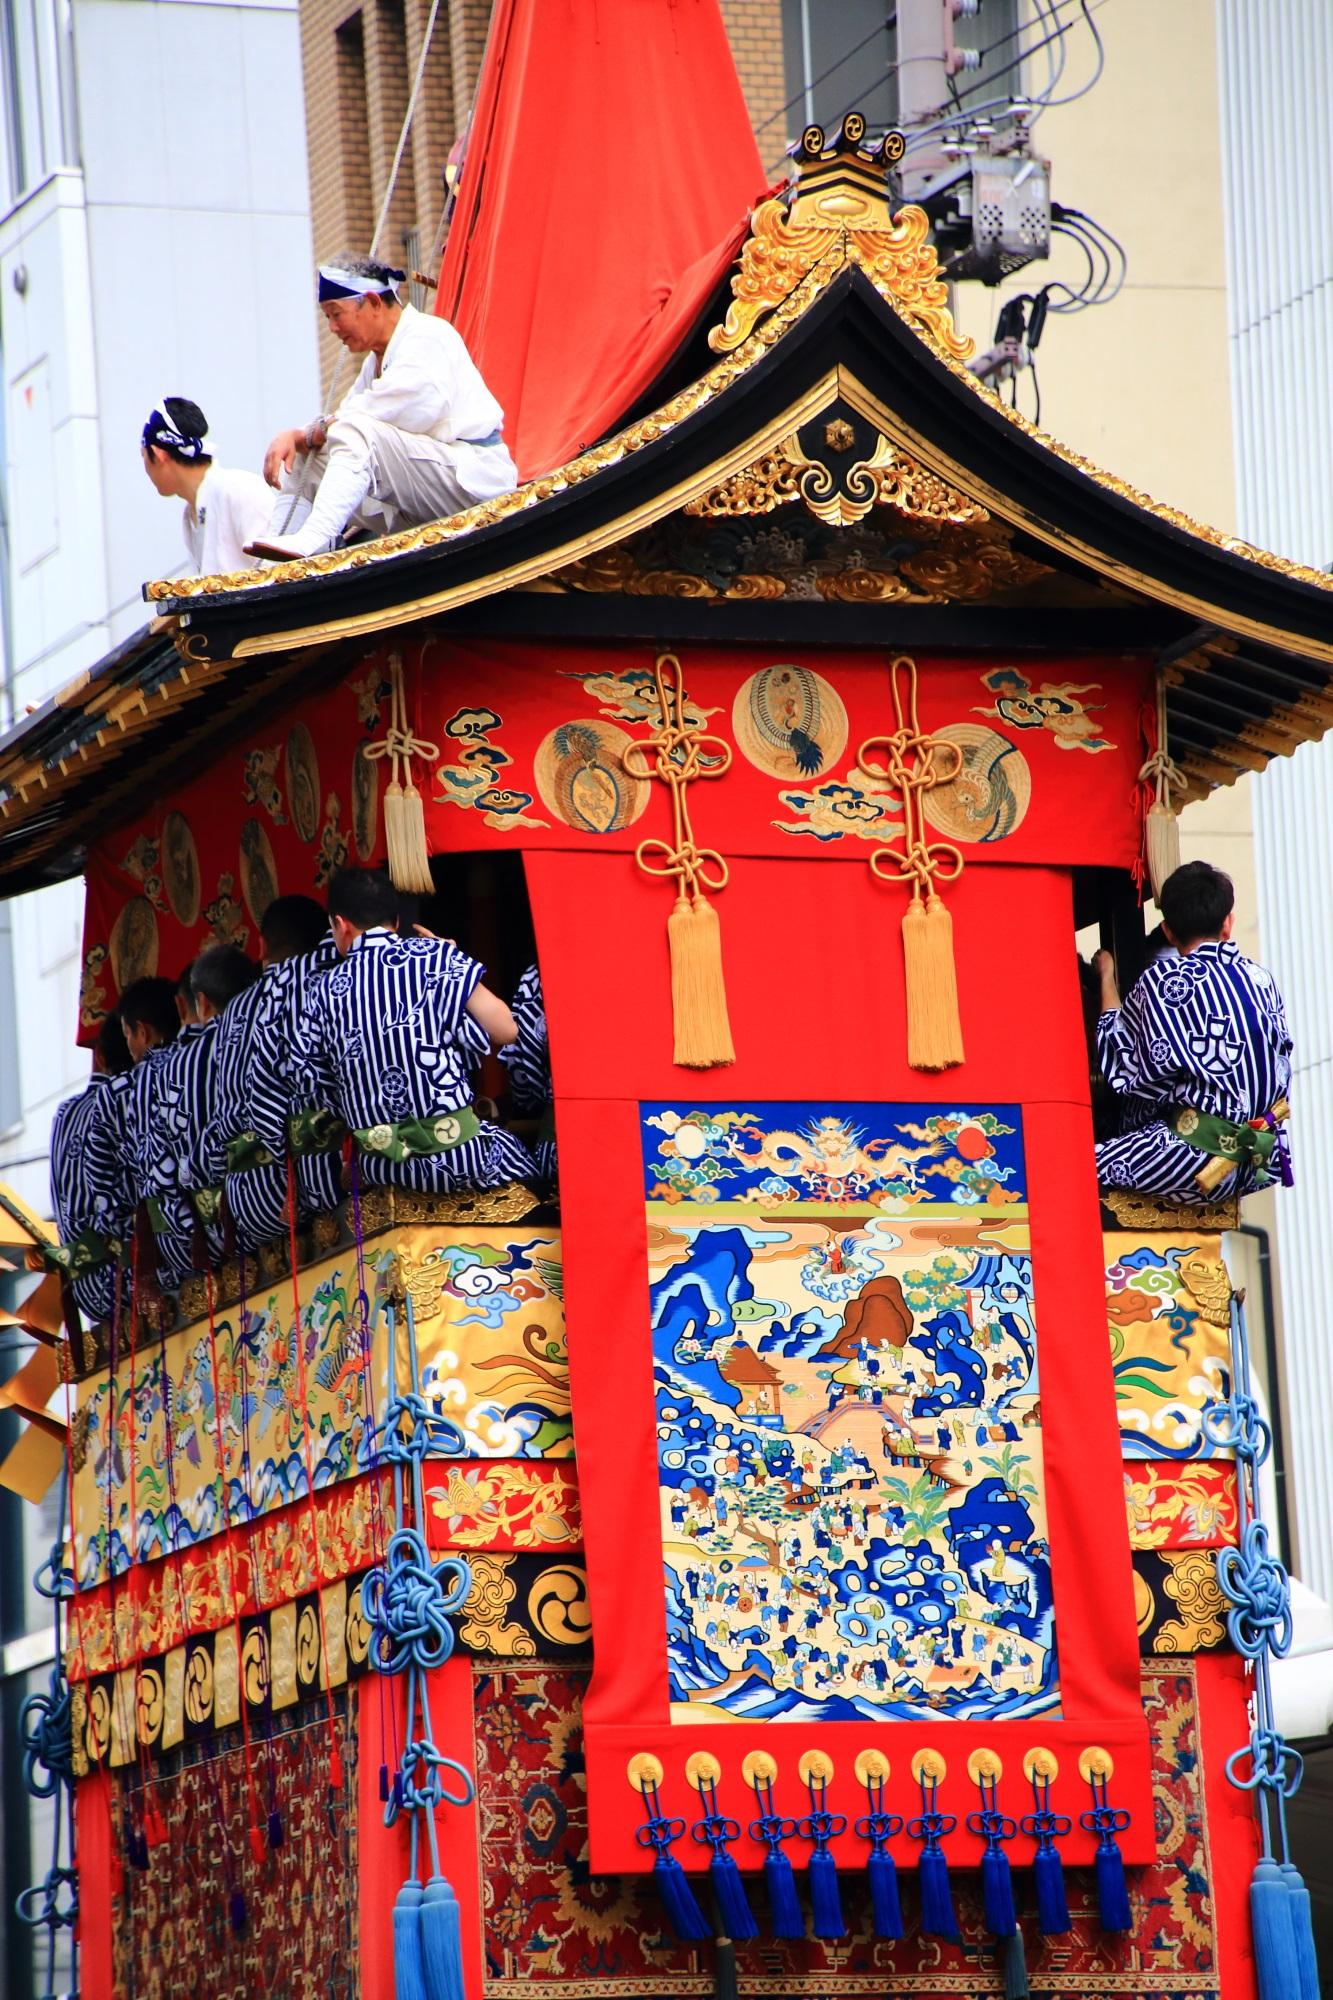 岩戸山 見送り 祇園祭 山鉾巡行